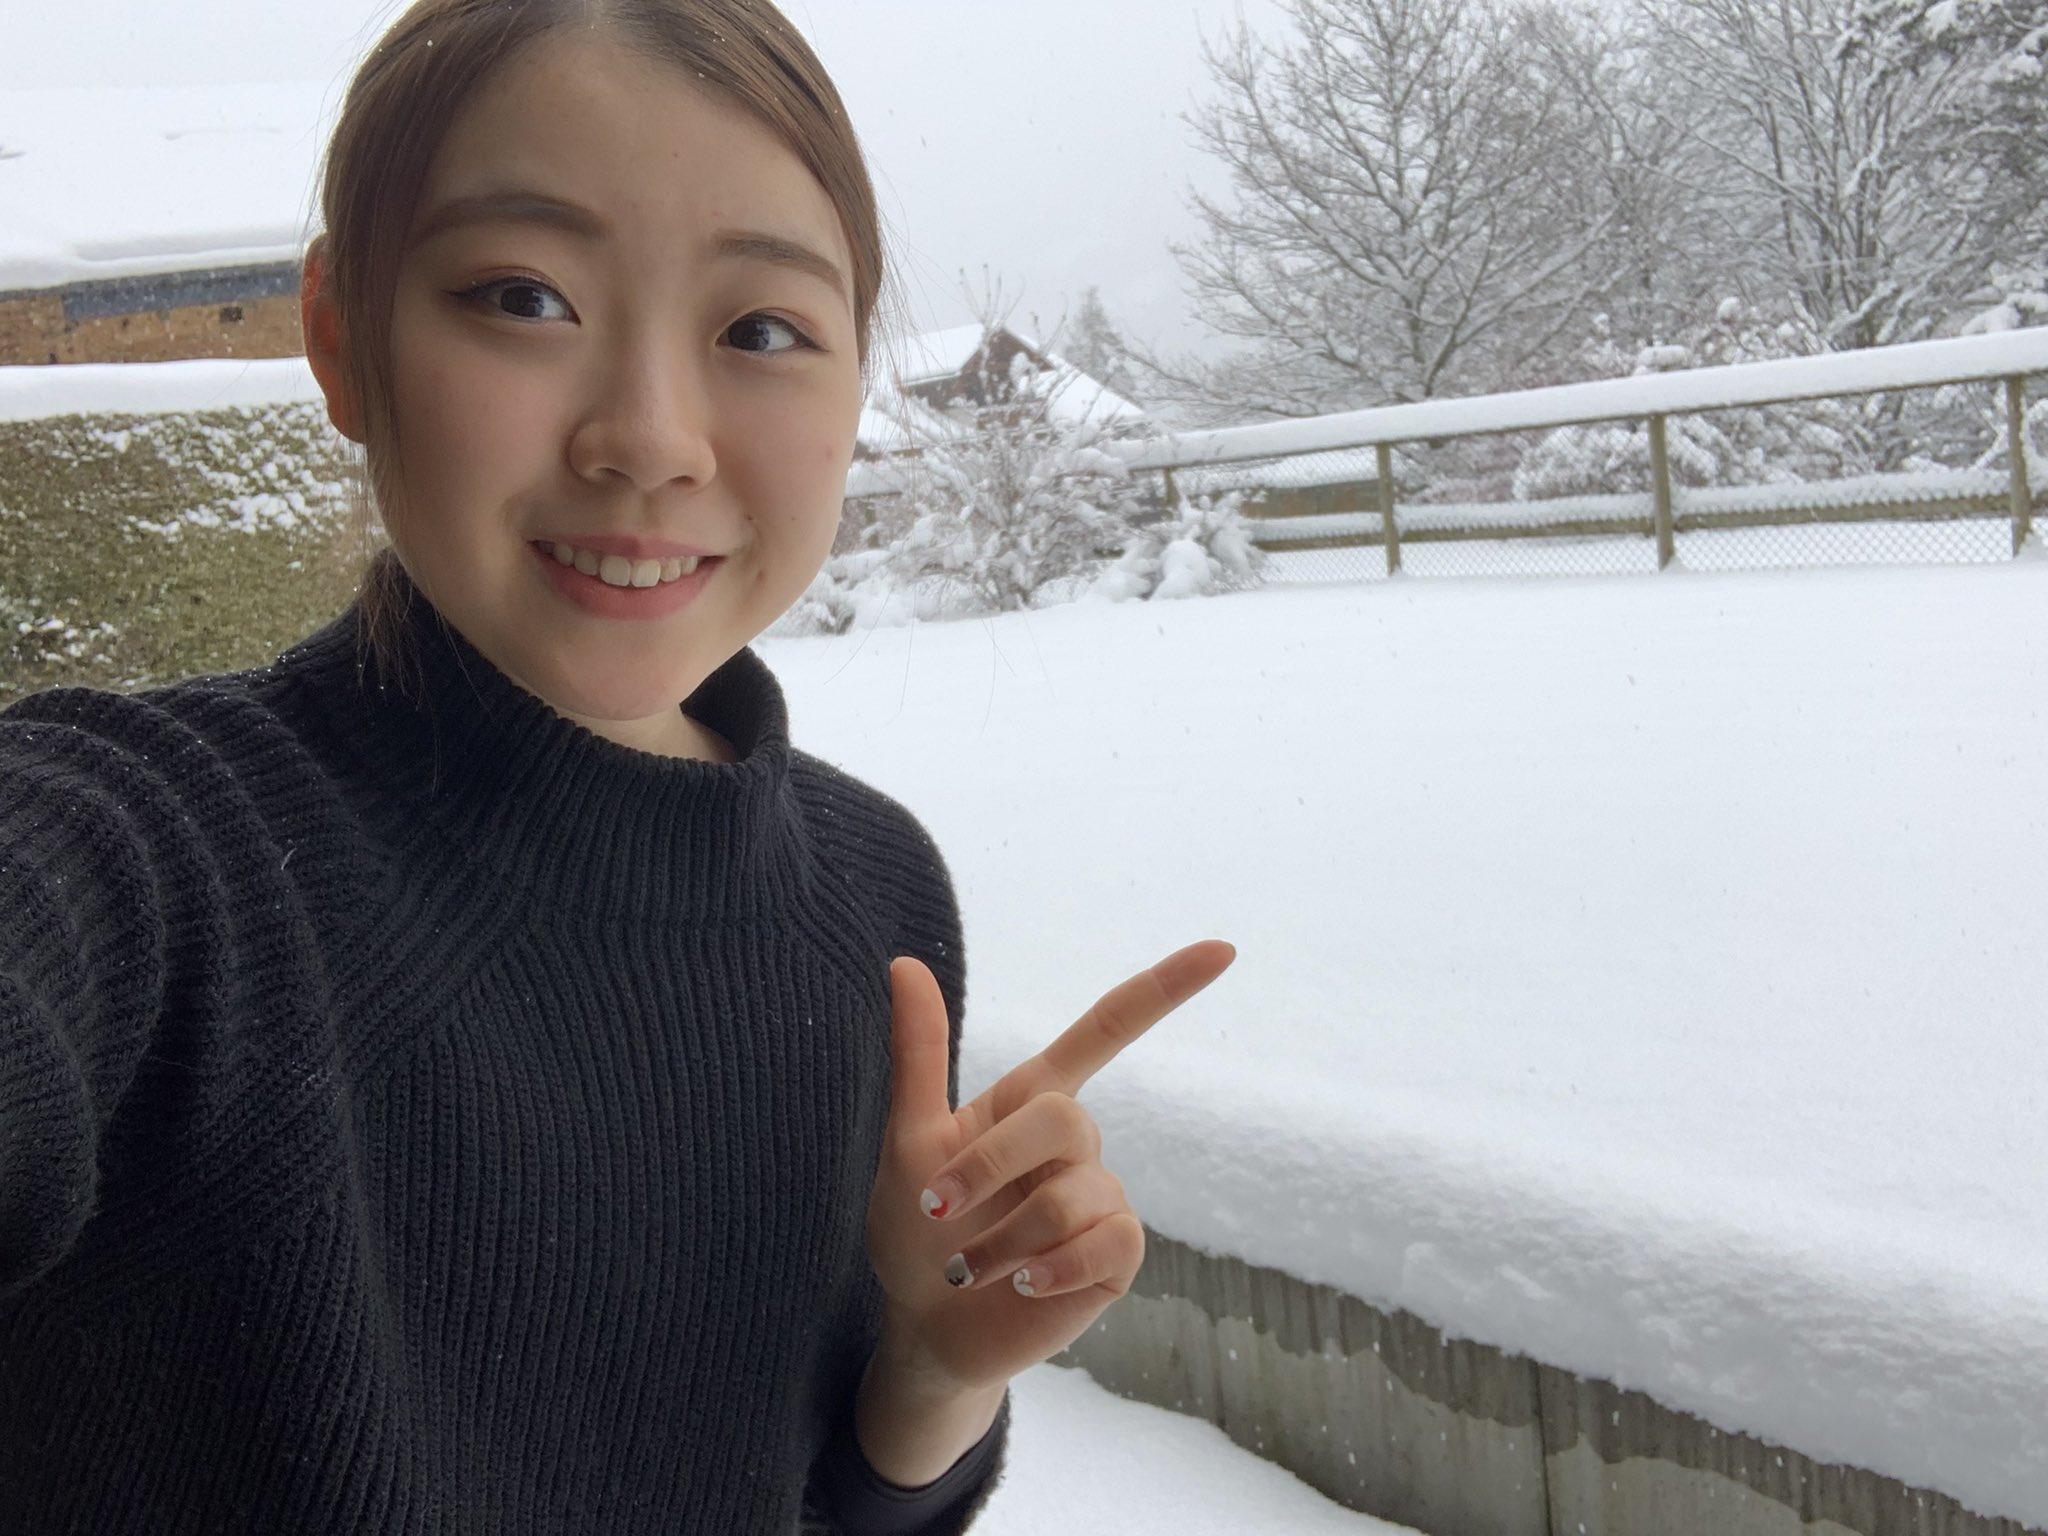 紀平梨花のイケメンコーチは誰?濱田美栄は変更になったの?